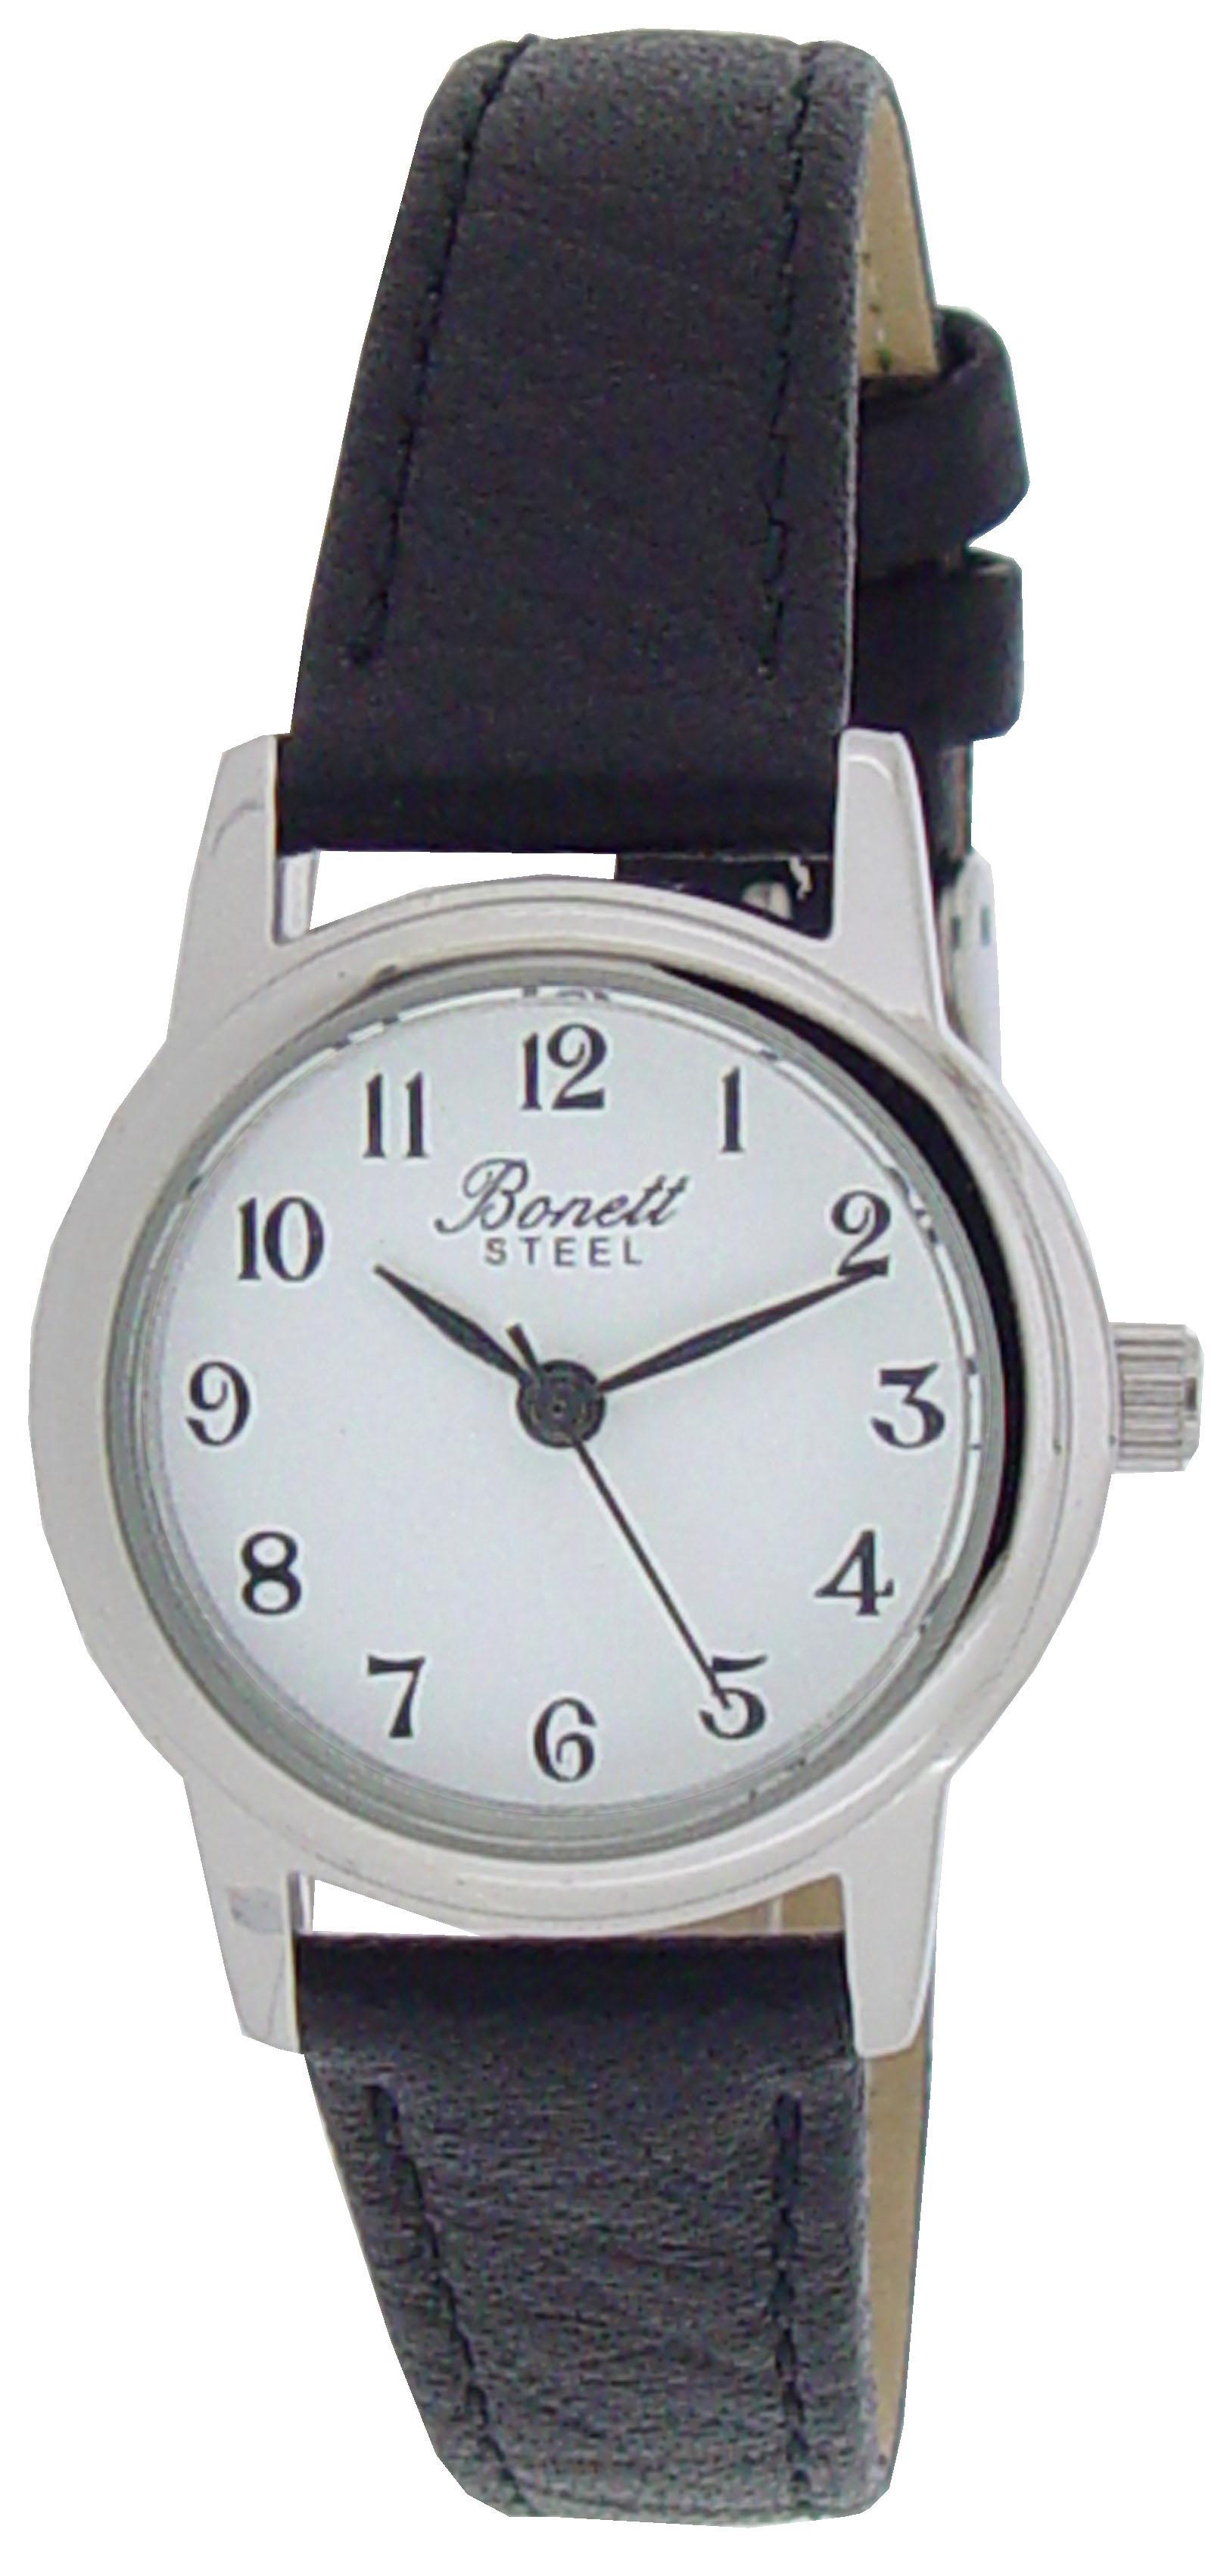 Bonett 157C dameur, silver/black